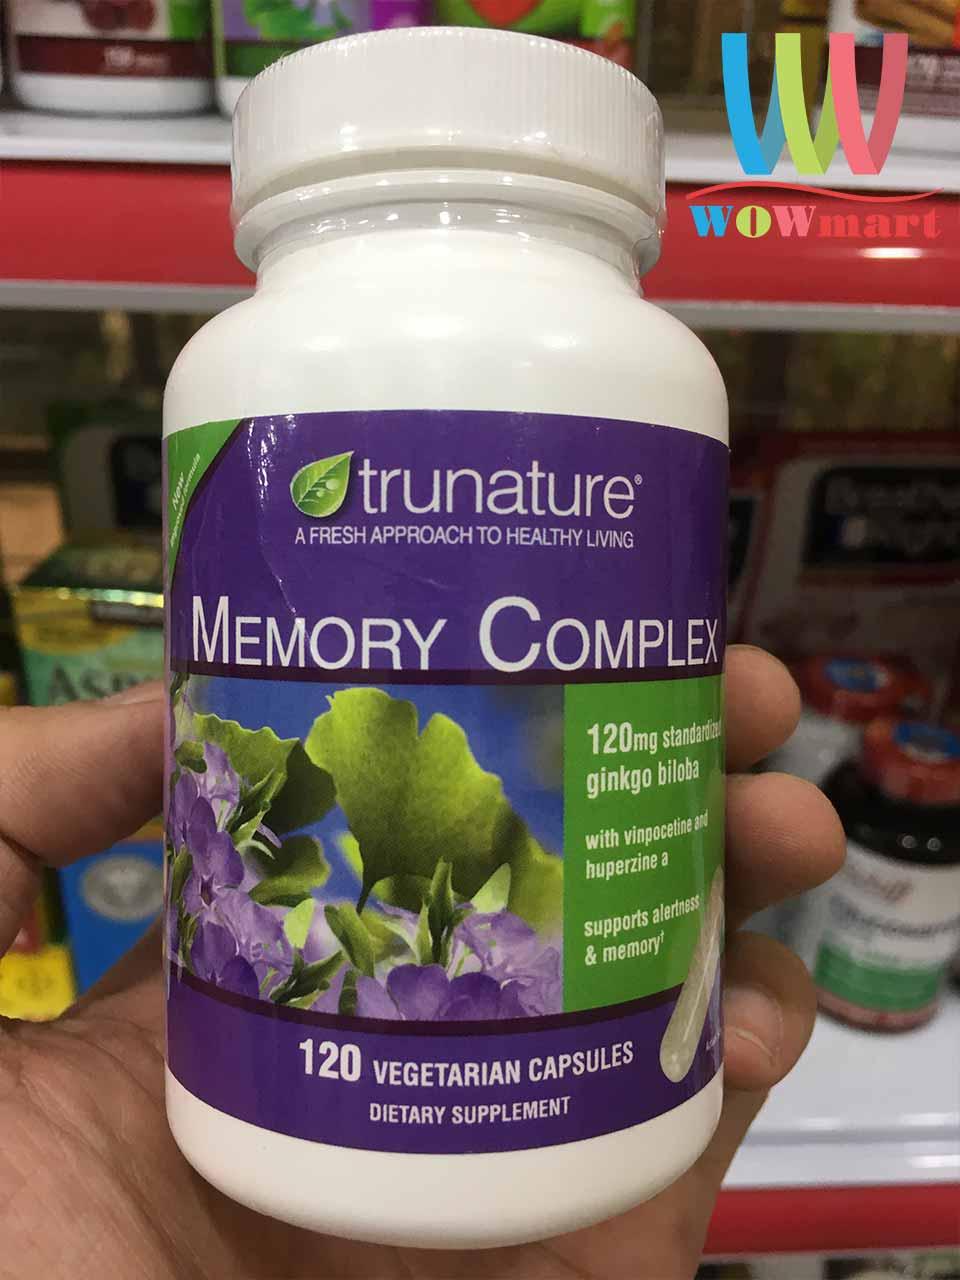 trunature-memory-complex-with-ginkgo-biloba-120v-1